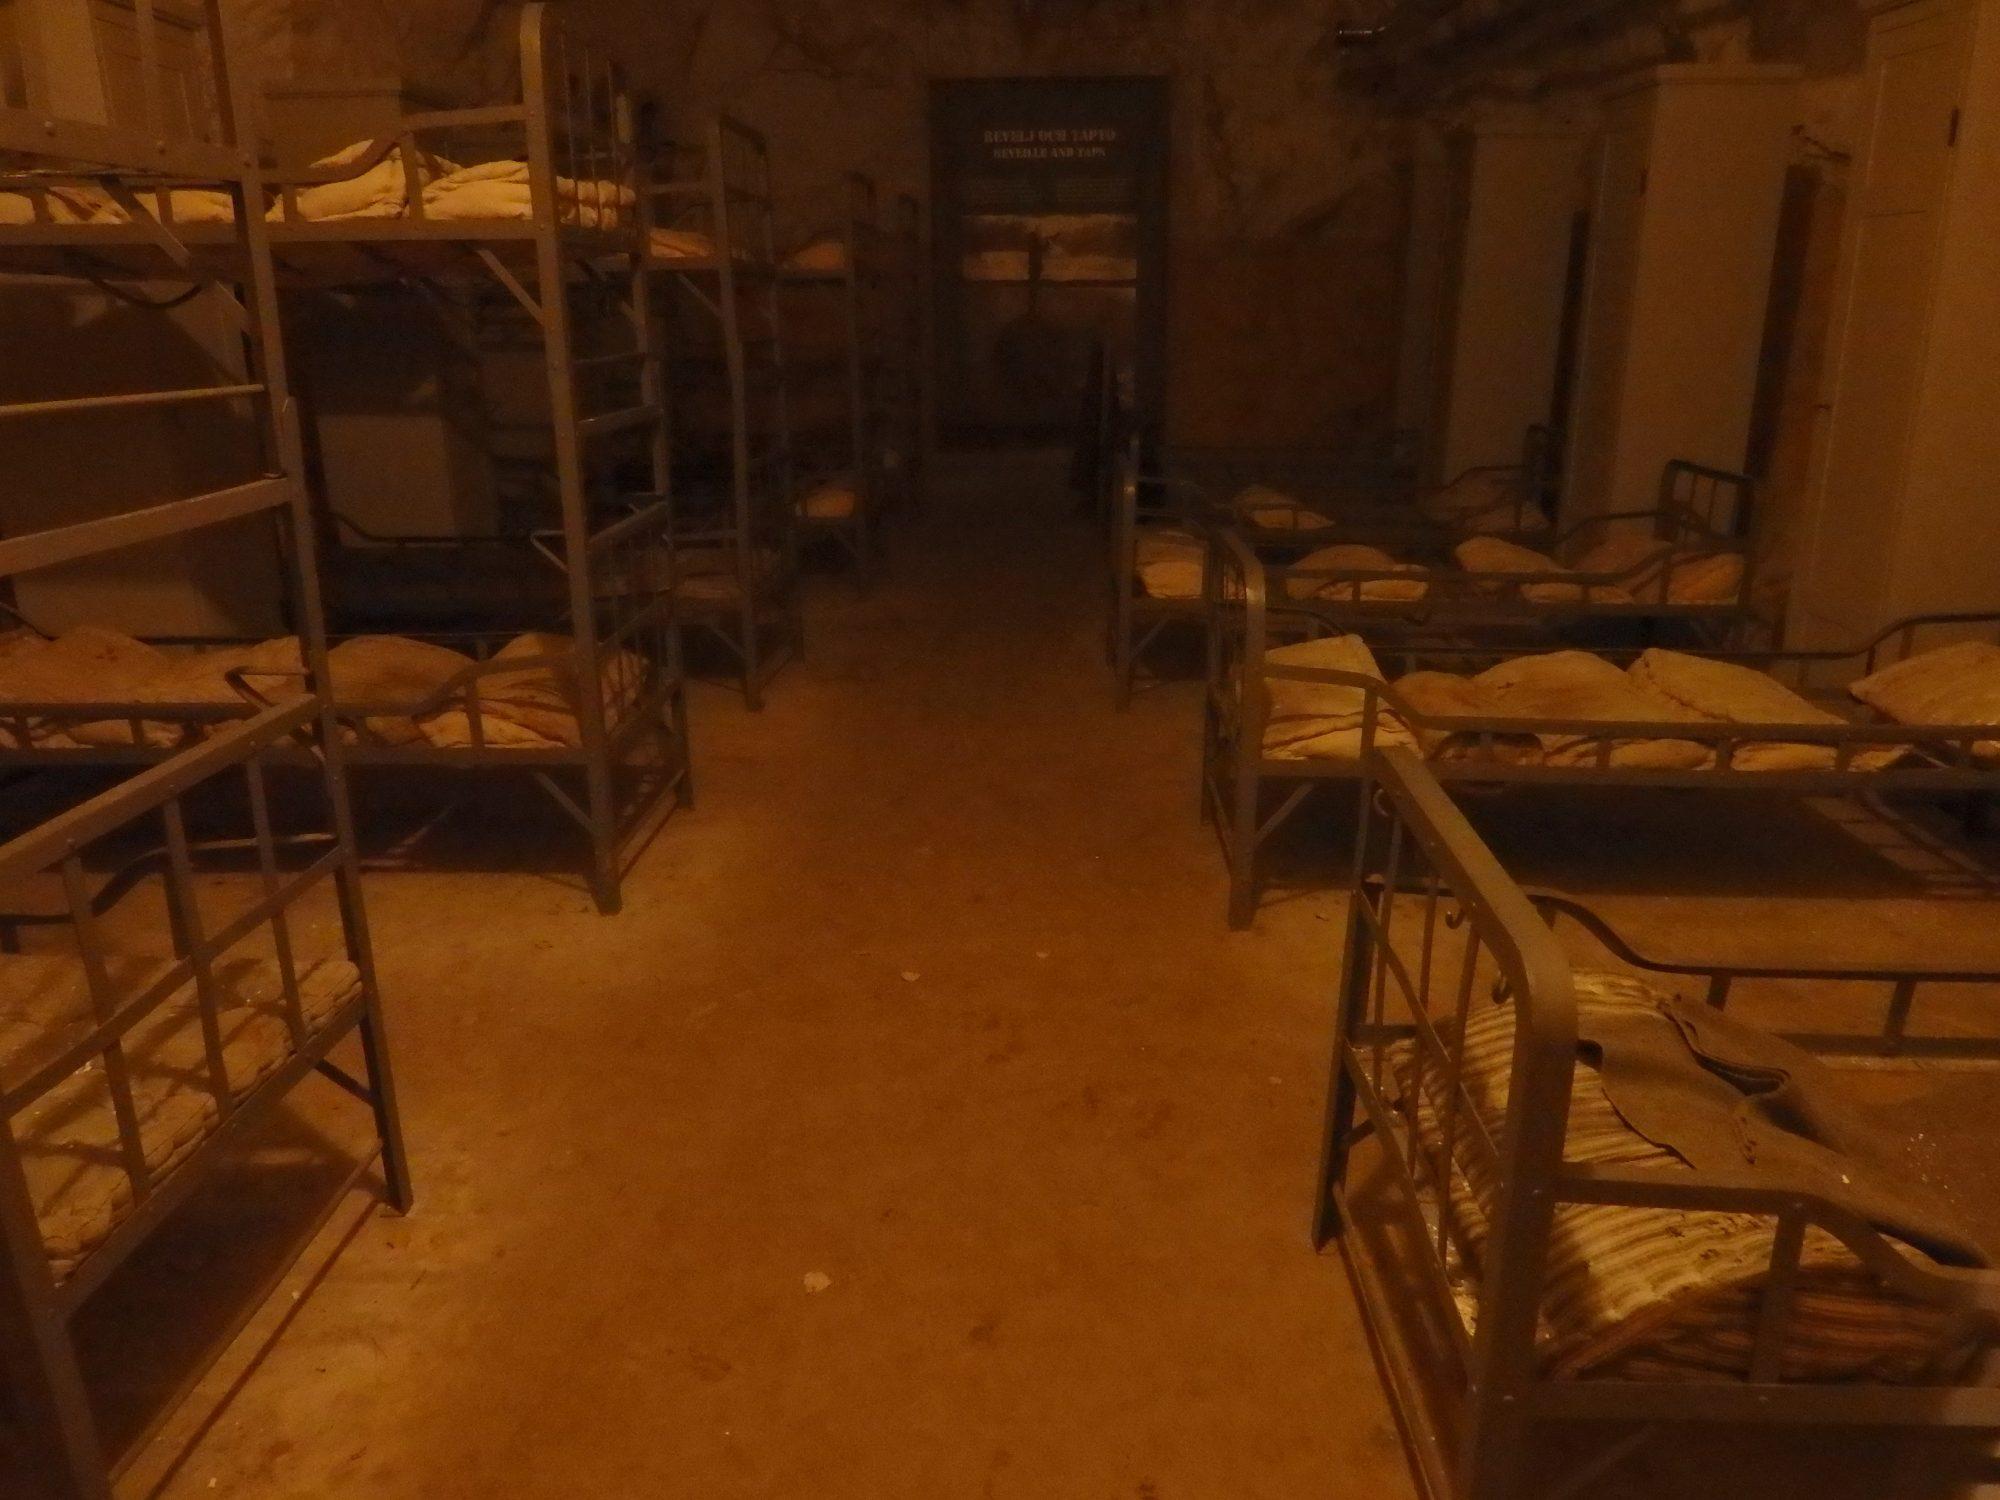 bunks at Siarofortet, Stockholm archipelago, Sweden